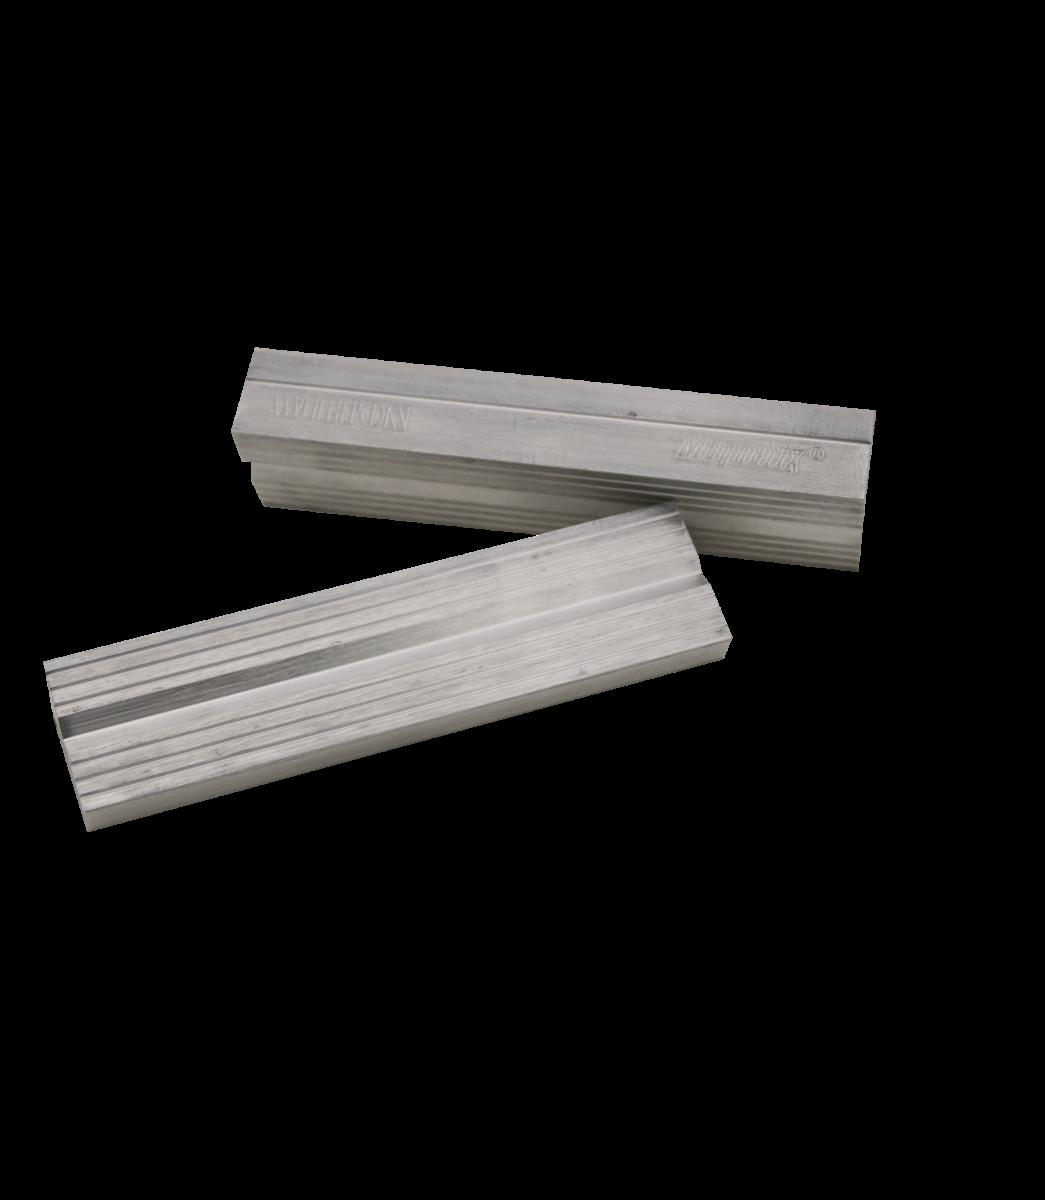 A-4.5, Aluminum Jaw Cap, 4-1/2